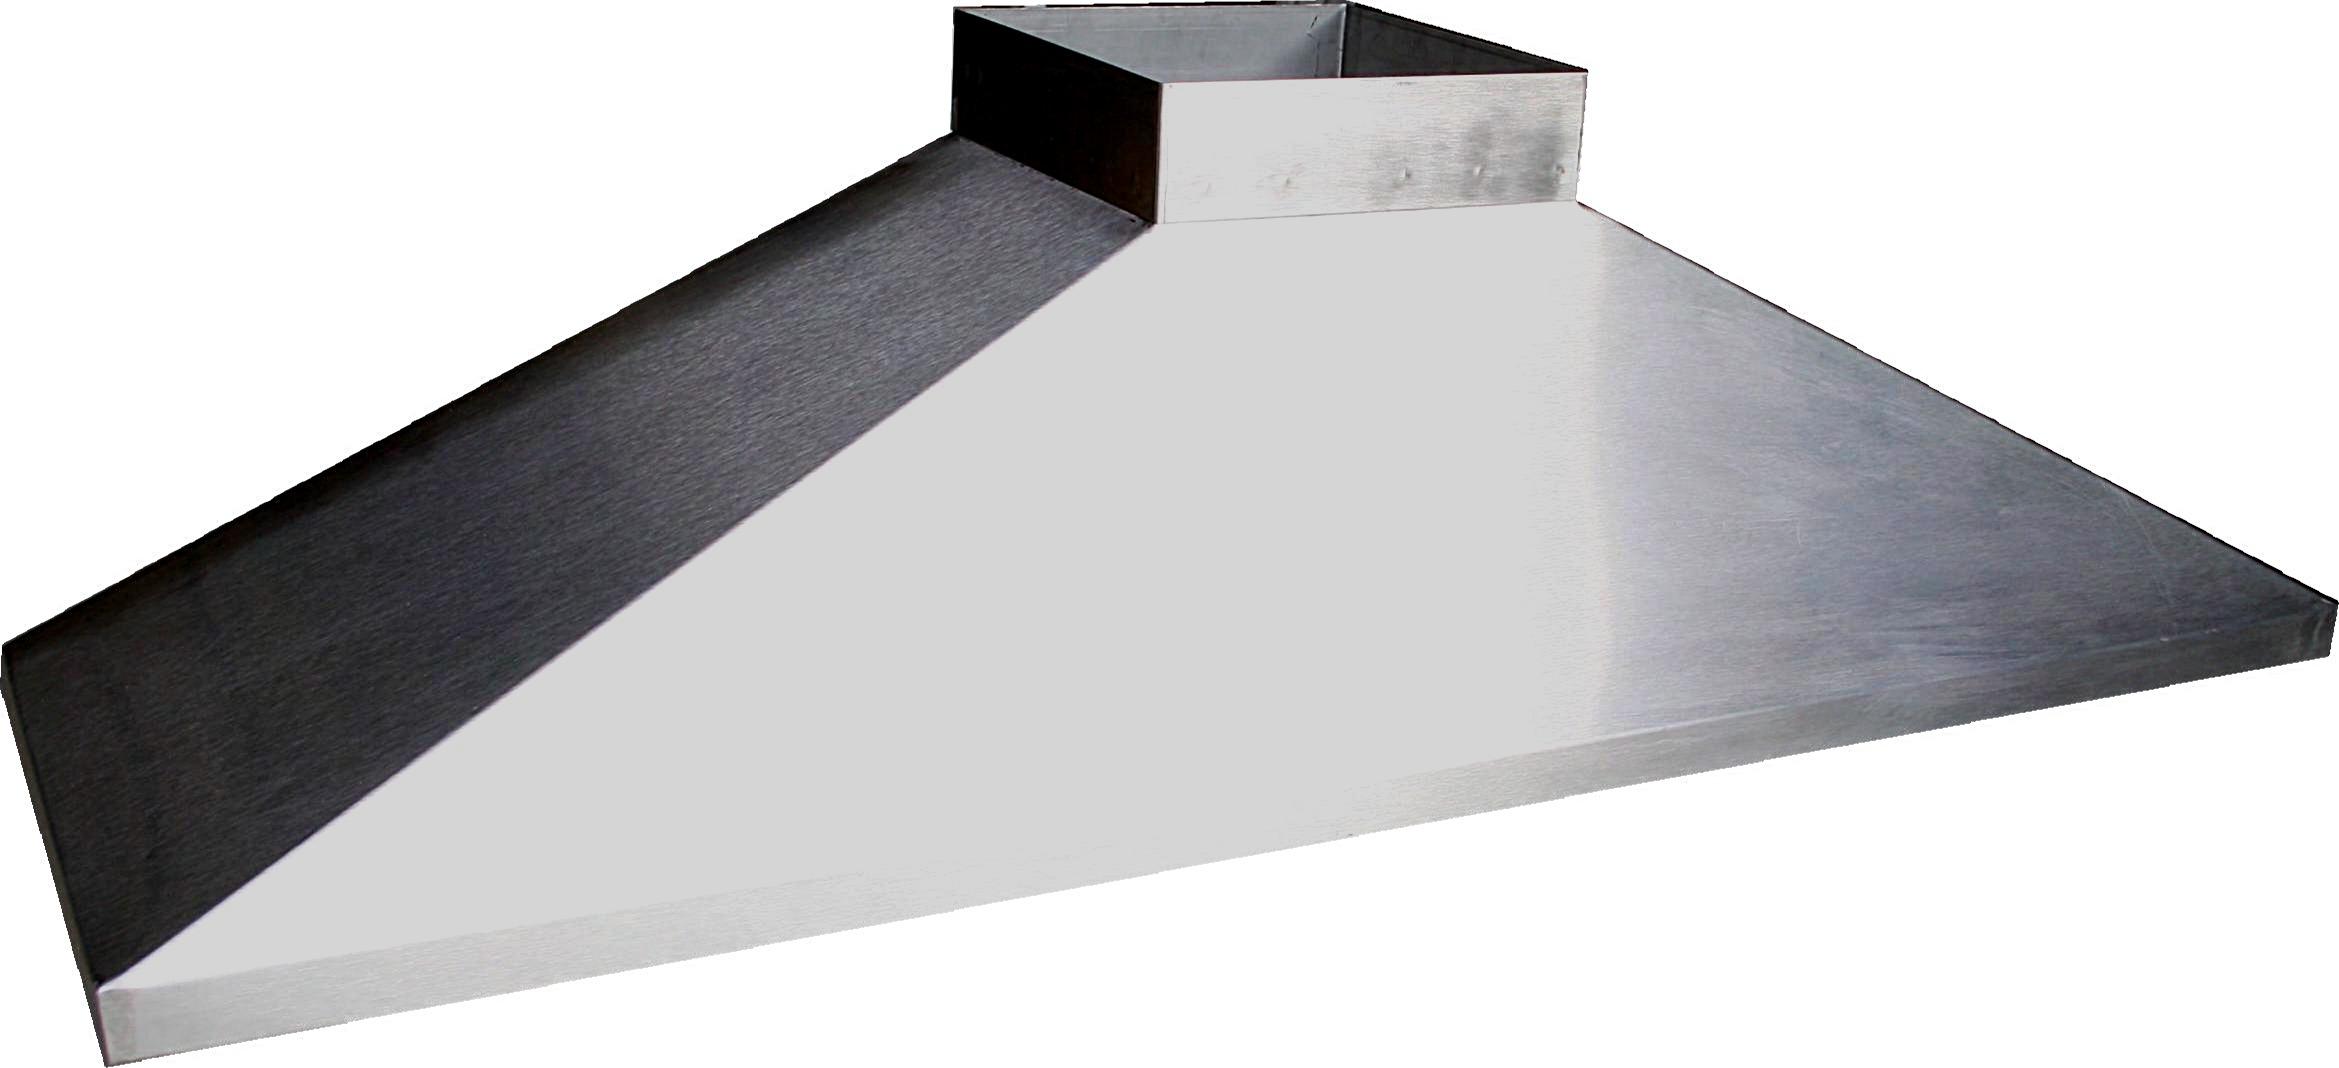 Fabrica de chimeneas y venta de chimeneas puertas de for Chimeneas metalicas precios